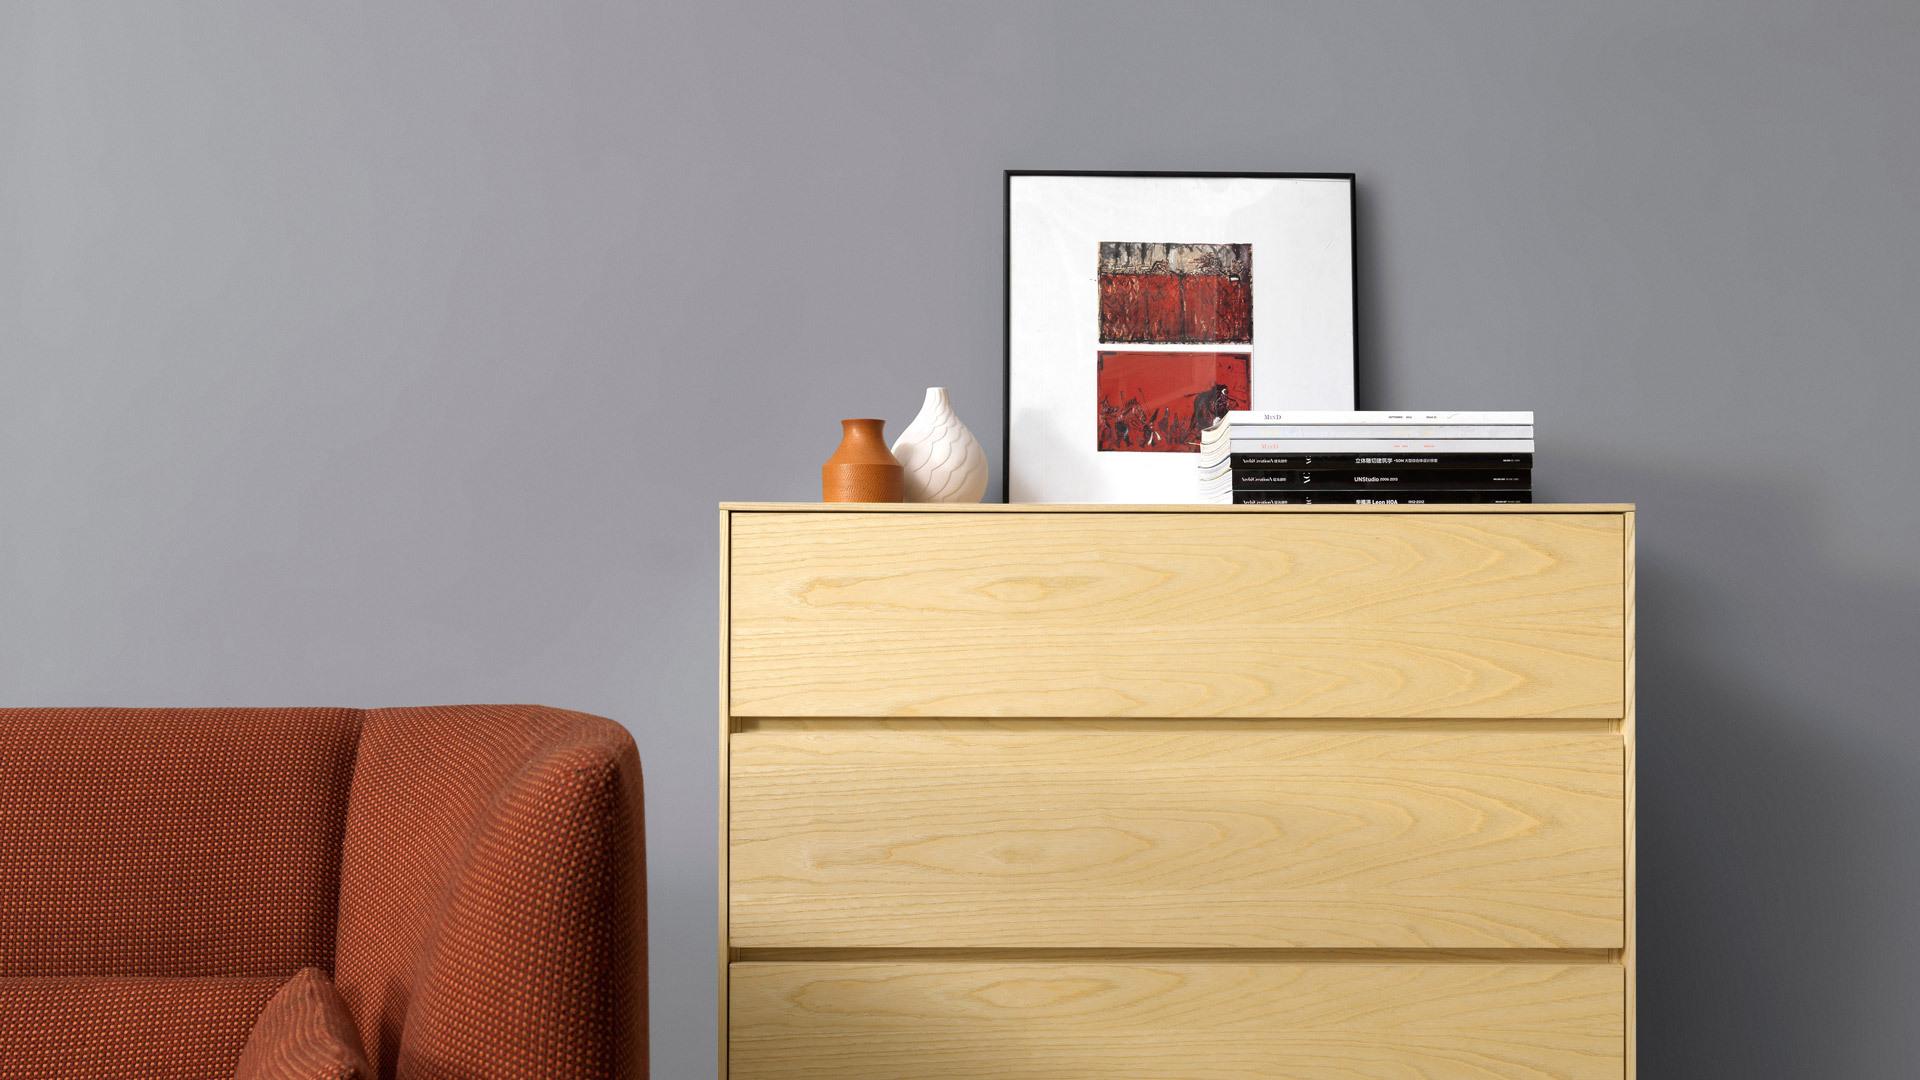 大客厅的丰富层次感,靠墙置于沙发围合区之后,纯净木色托起整个空间的雅致格调,让以沙发为核心的客厅中心更见质感。